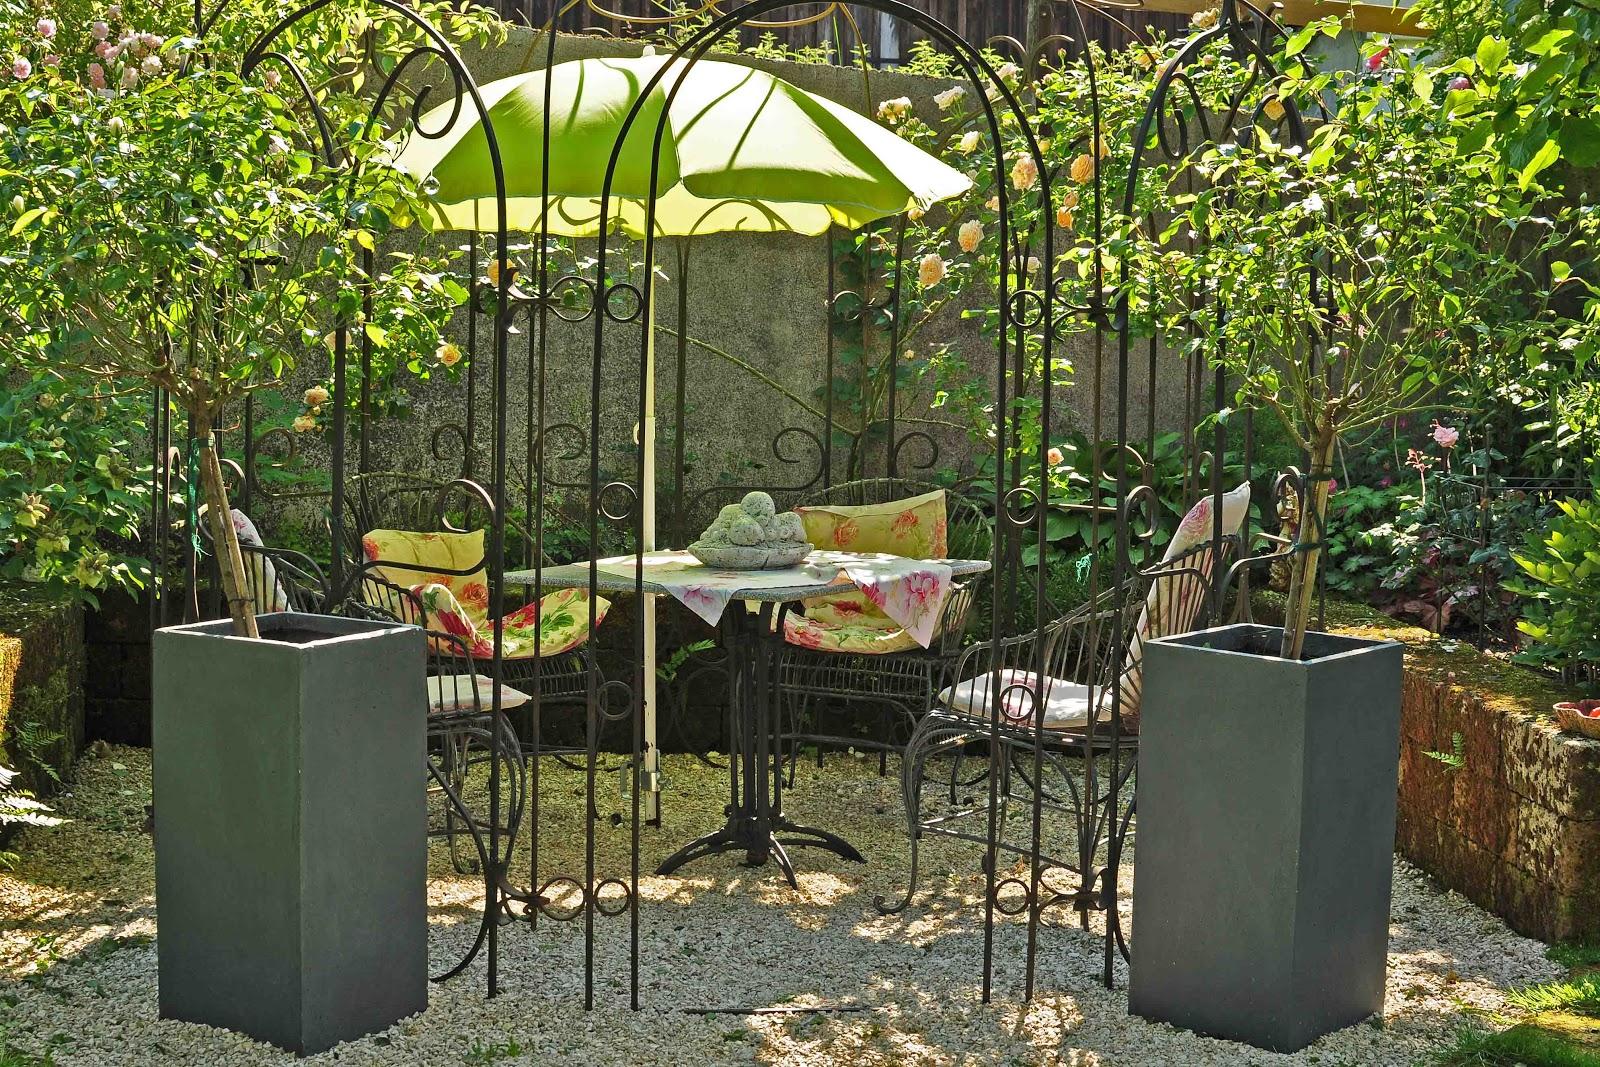 gartenziele ausfl ge zu sch nen g rten der rosengarten. Black Bedroom Furniture Sets. Home Design Ideas